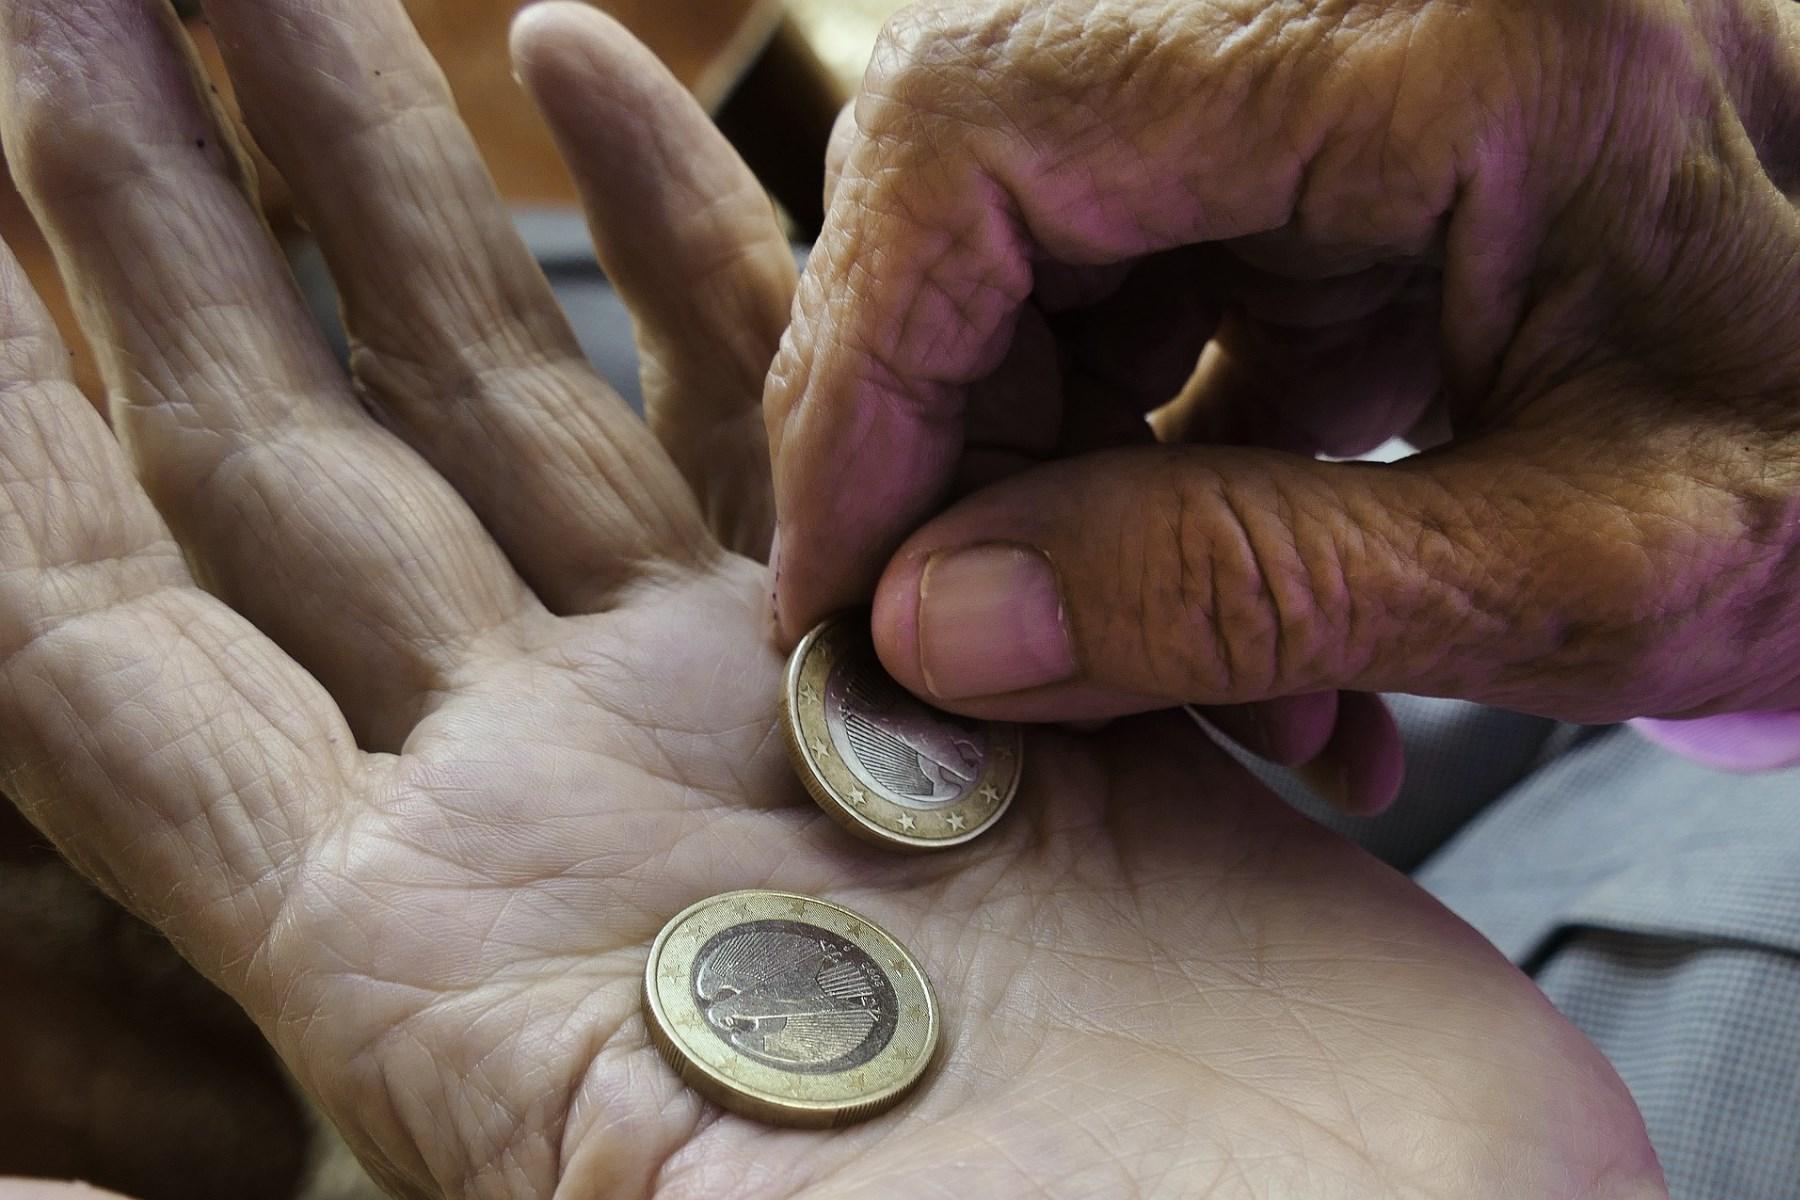 Misslungene Politik führt zu Altersarmut